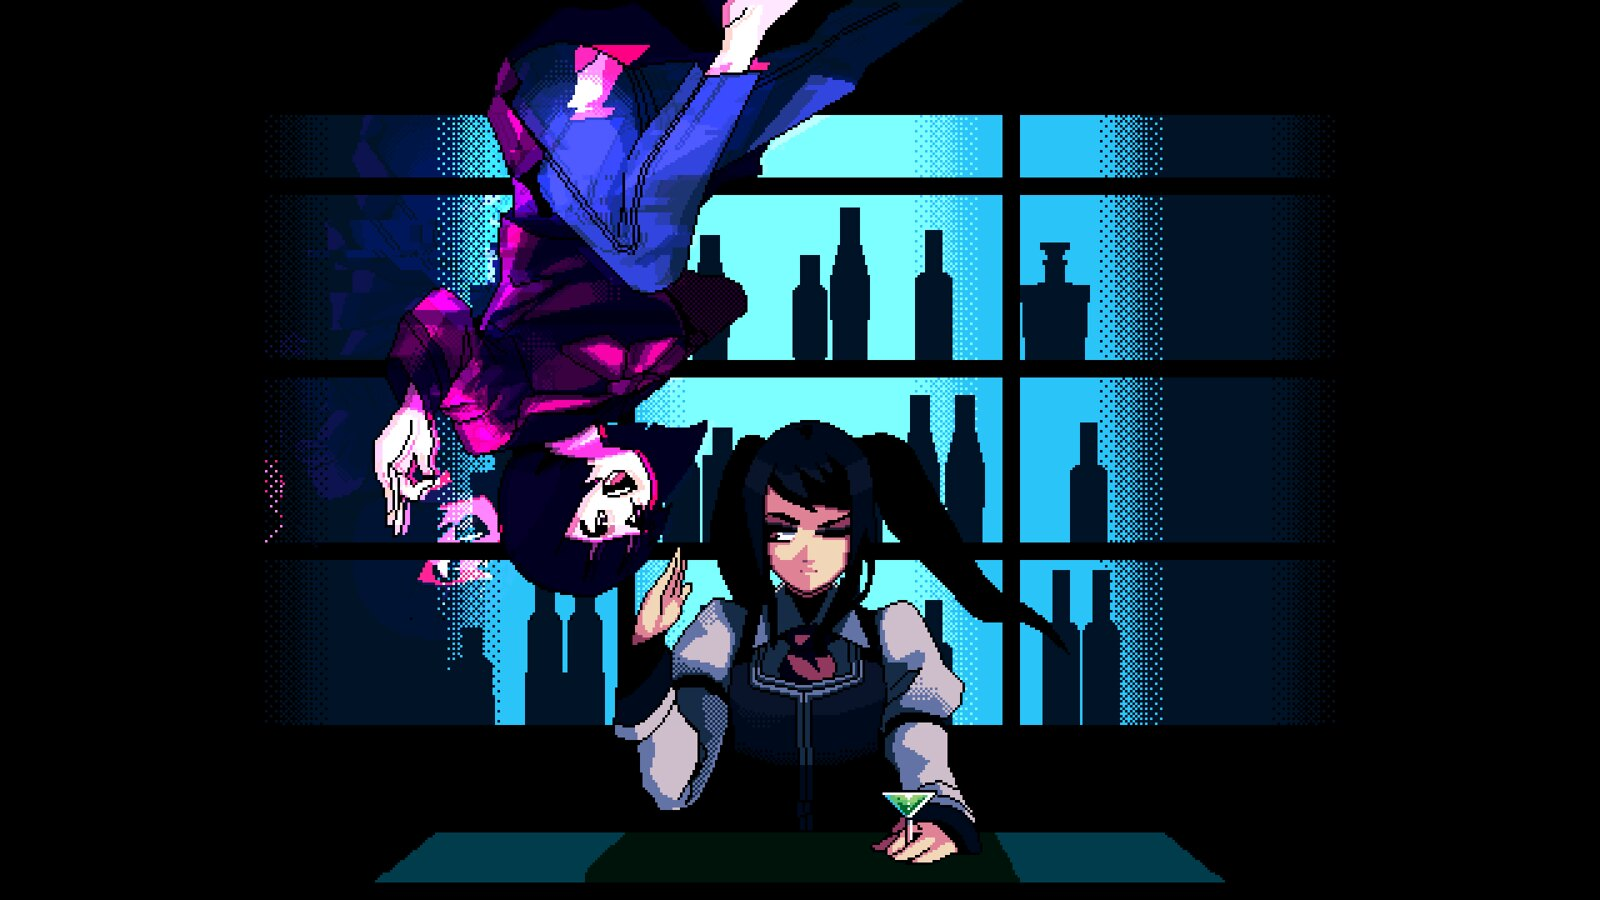 32793788437 104dde38b2 h - Das Cyberpunk-Bartender-Adventure VA-11 Hall-A erscheint heute auf PS4